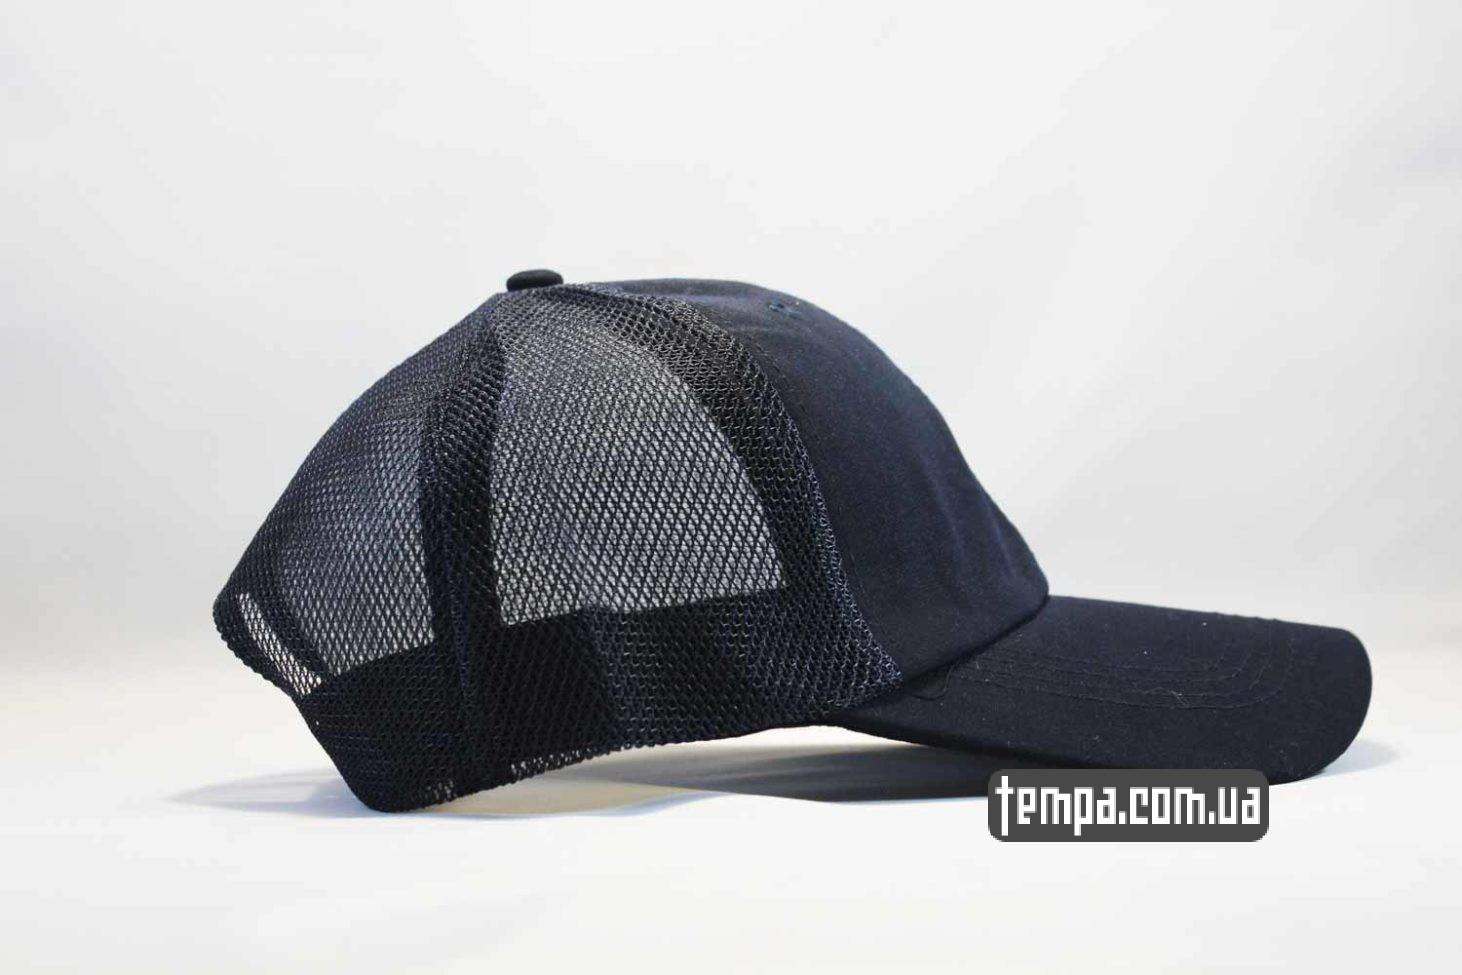 фила украина одежда кепка бейсболка fila синяя trucker с сеточкой